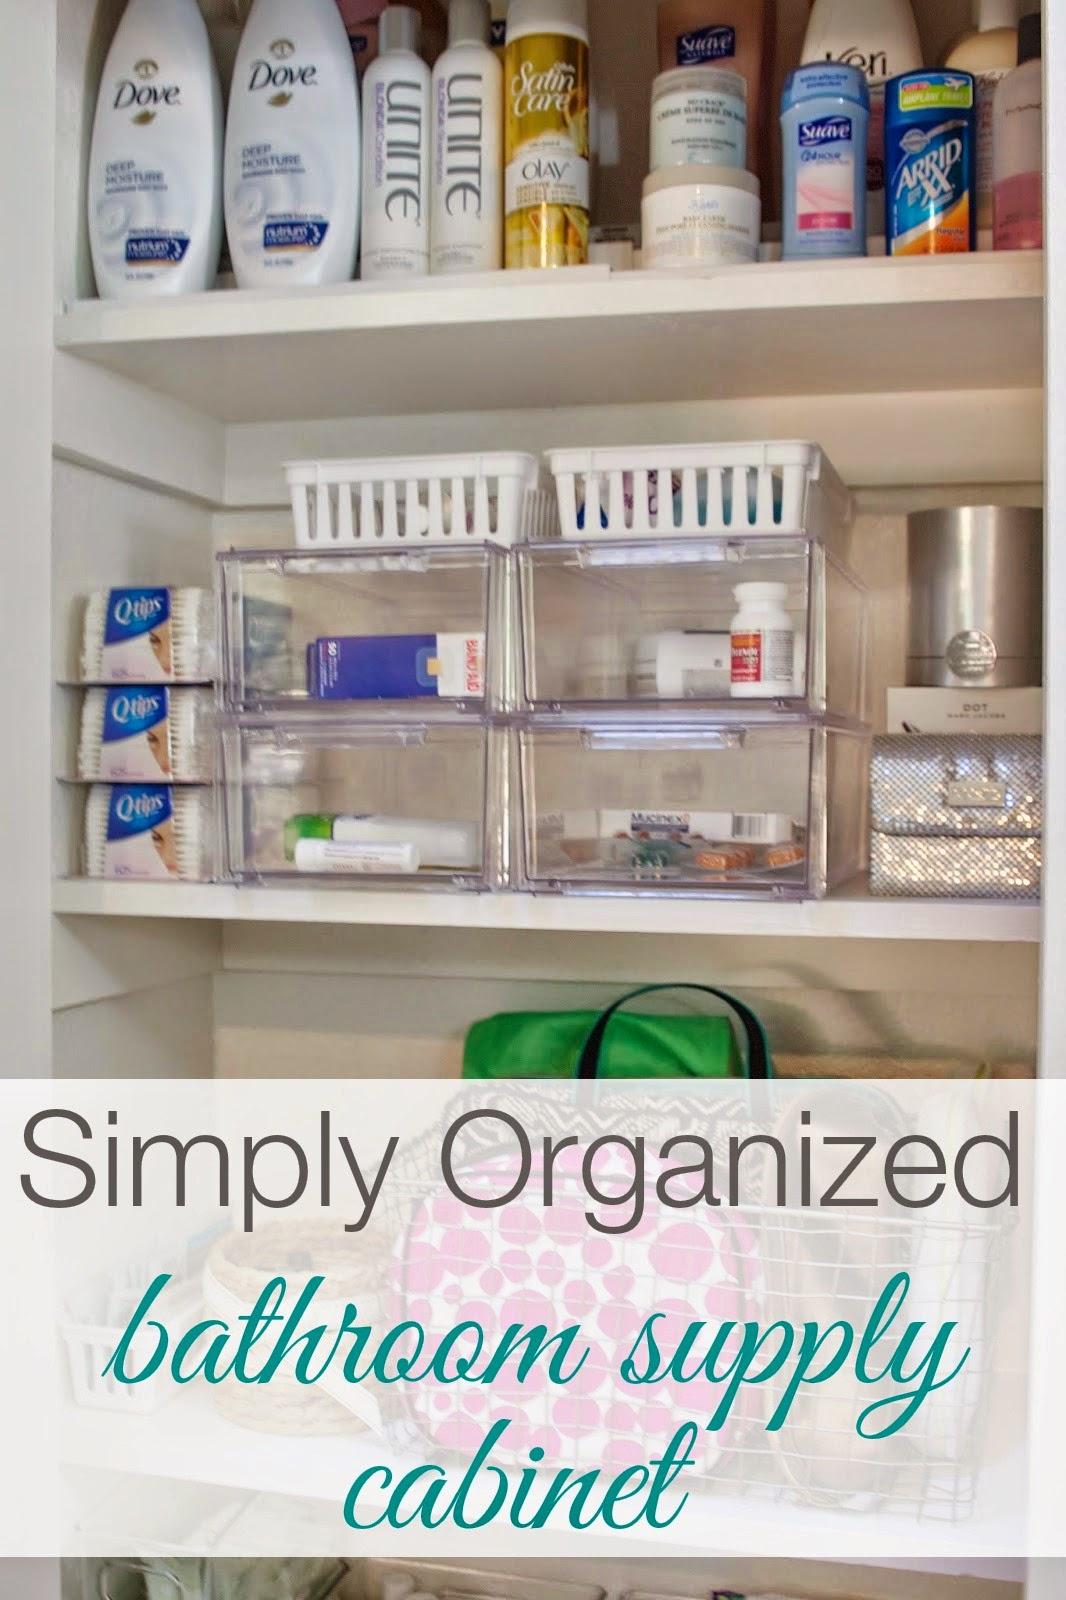 Organized Bathroom Supply Cabinet  simply organized